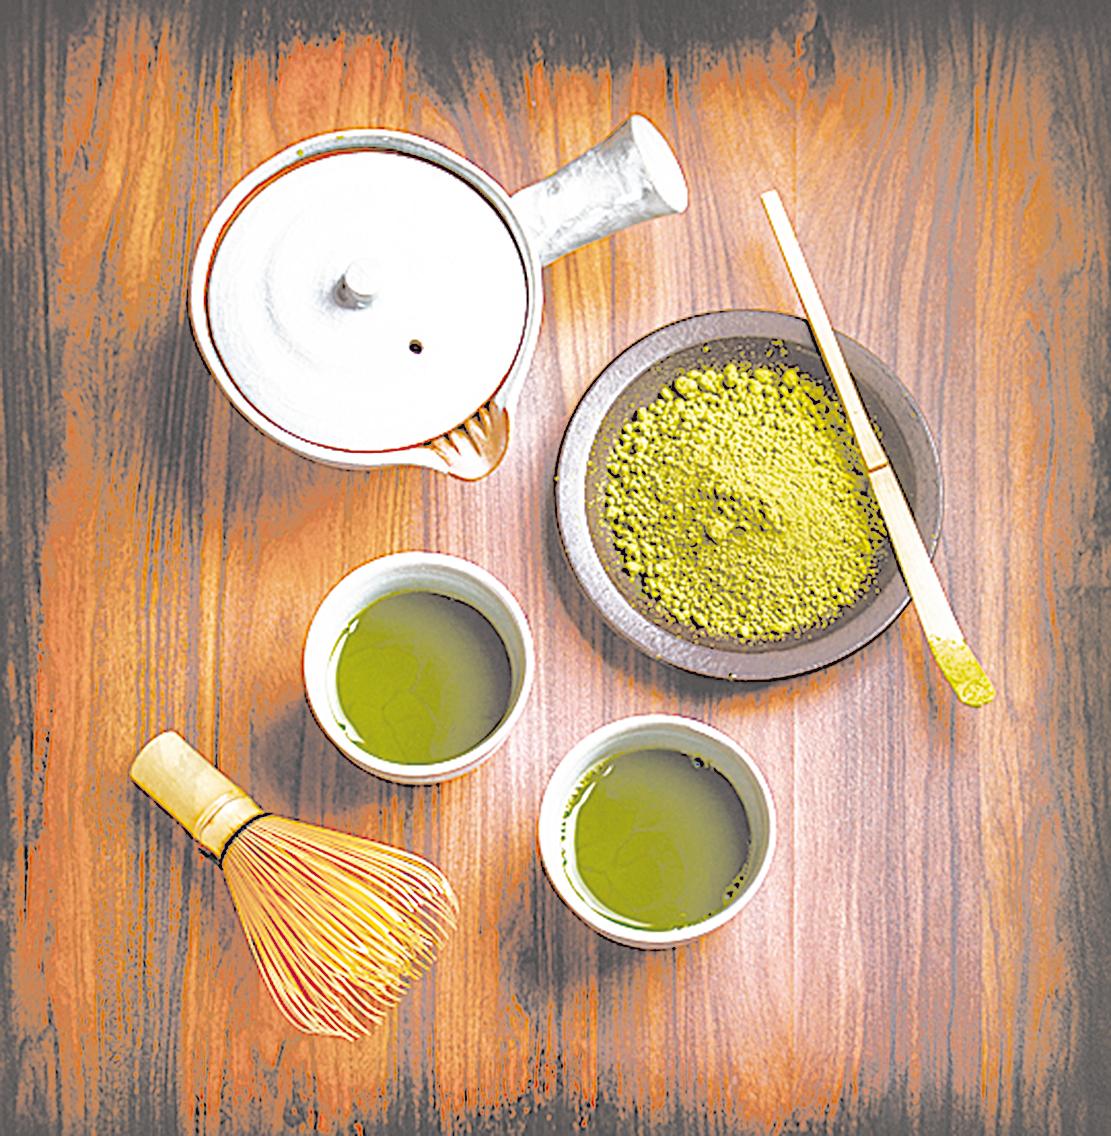 抹茶源於隋朝,在唐、宋間達到頂峰。圖片中左下角的「茶筅」,就是在宋朝流傳至日本的茶器。